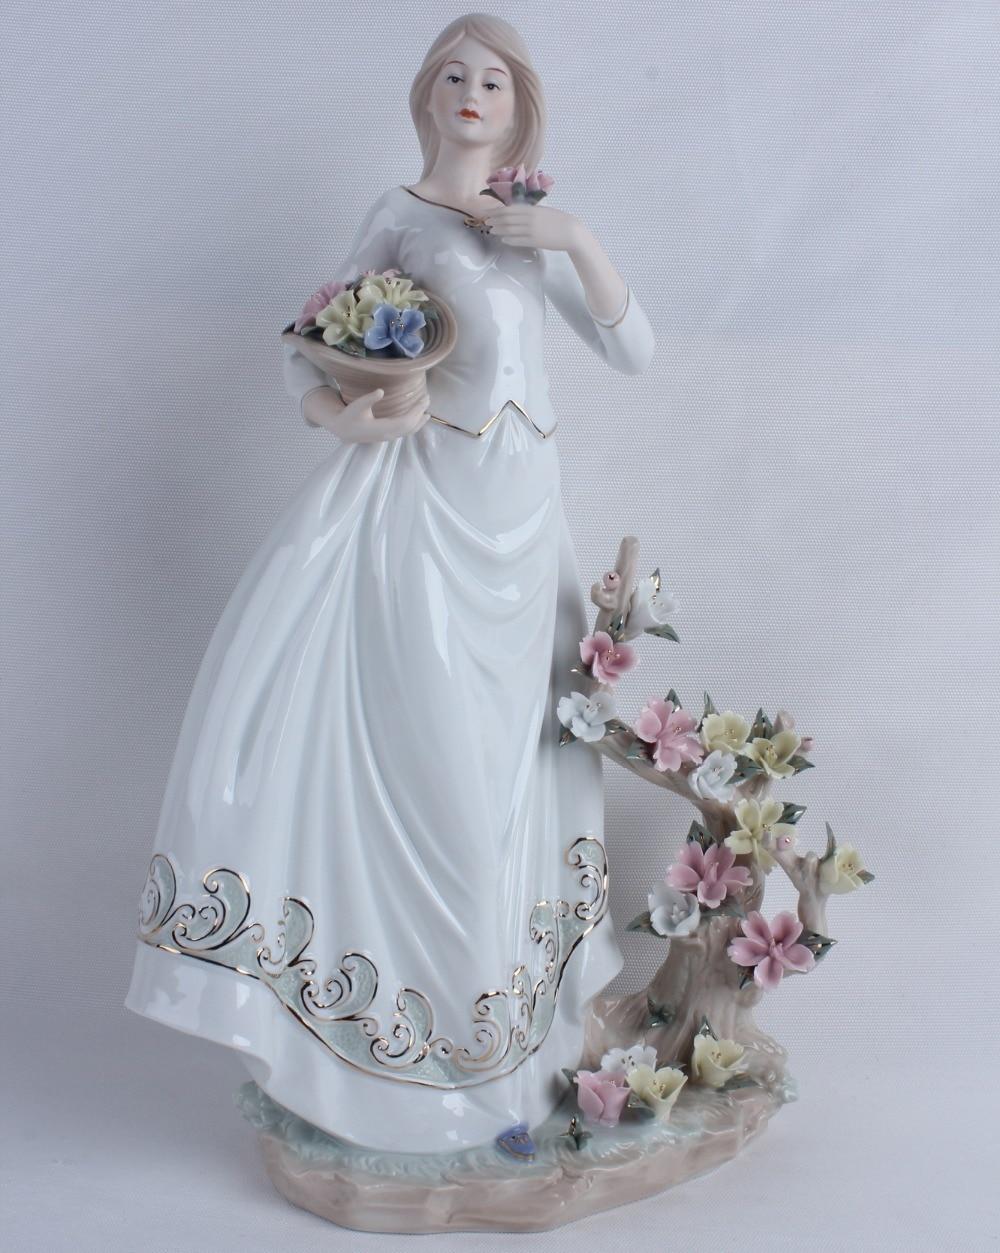 ヴィンテージ磁器花ピッキング女の子ミニチュア小像手作りセラミックス美人置物装飾クラフトプレゼント飾り  グループ上の ホーム&ガーデン からの フィギュア & ミニチュア の中 1